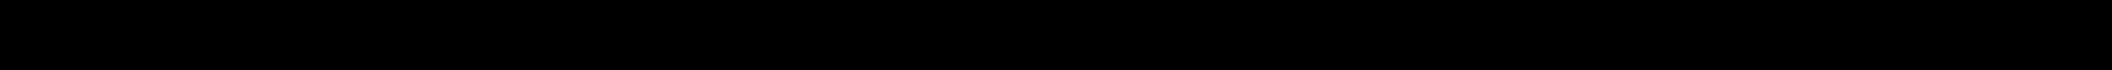 Image-Shr-vic-3